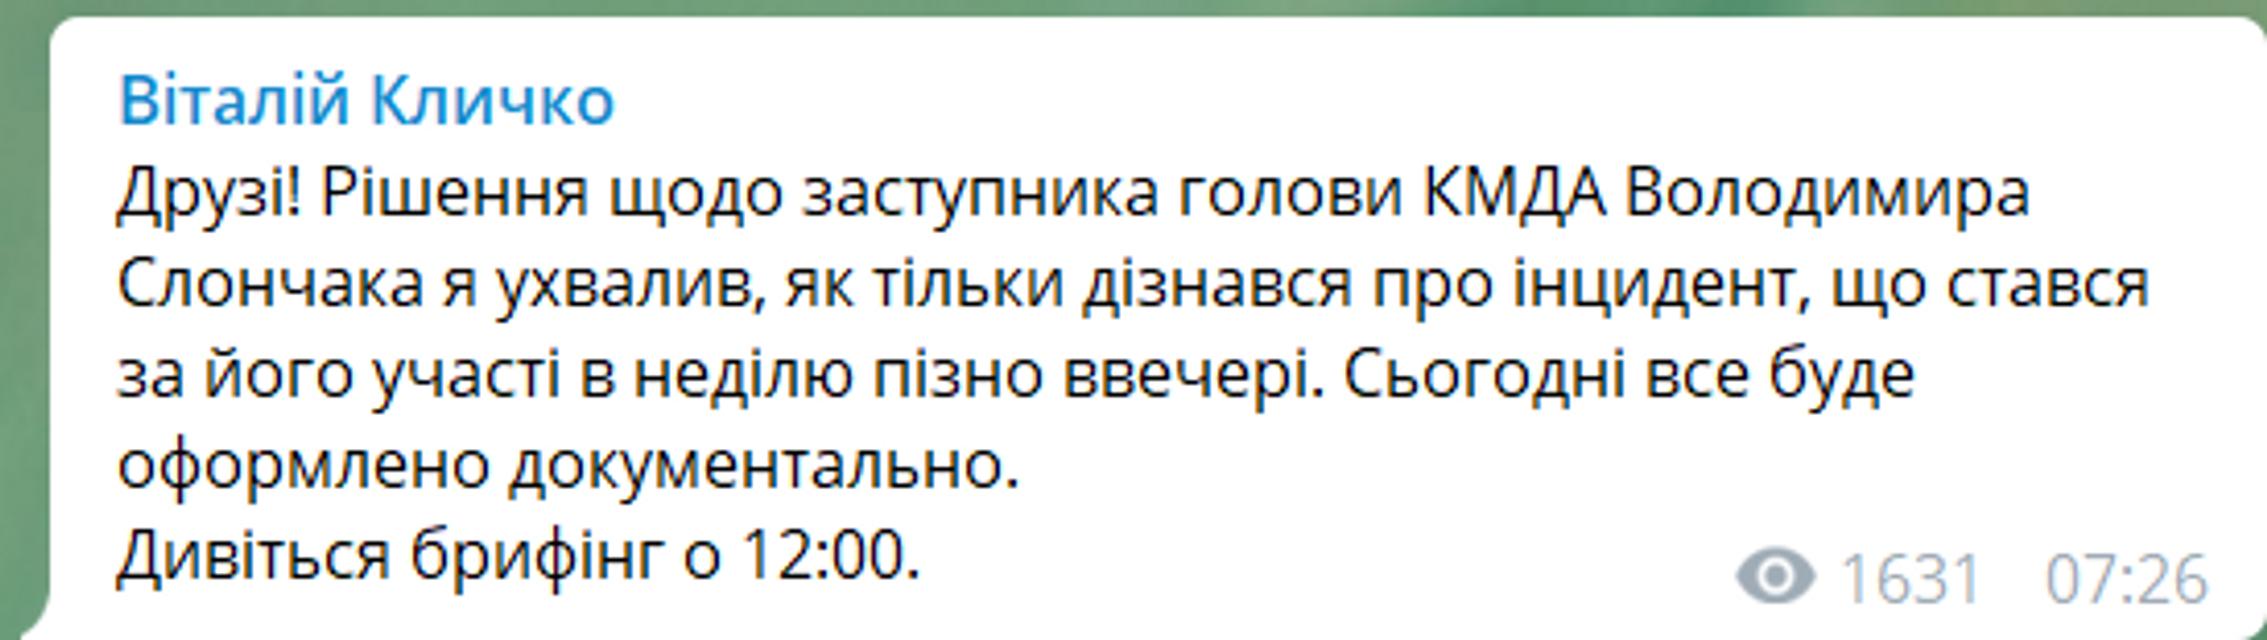 Зам Кличко зверски отлупил полицейского, результат предсказуем – ФОТО, ВИДЕО - фото 199221